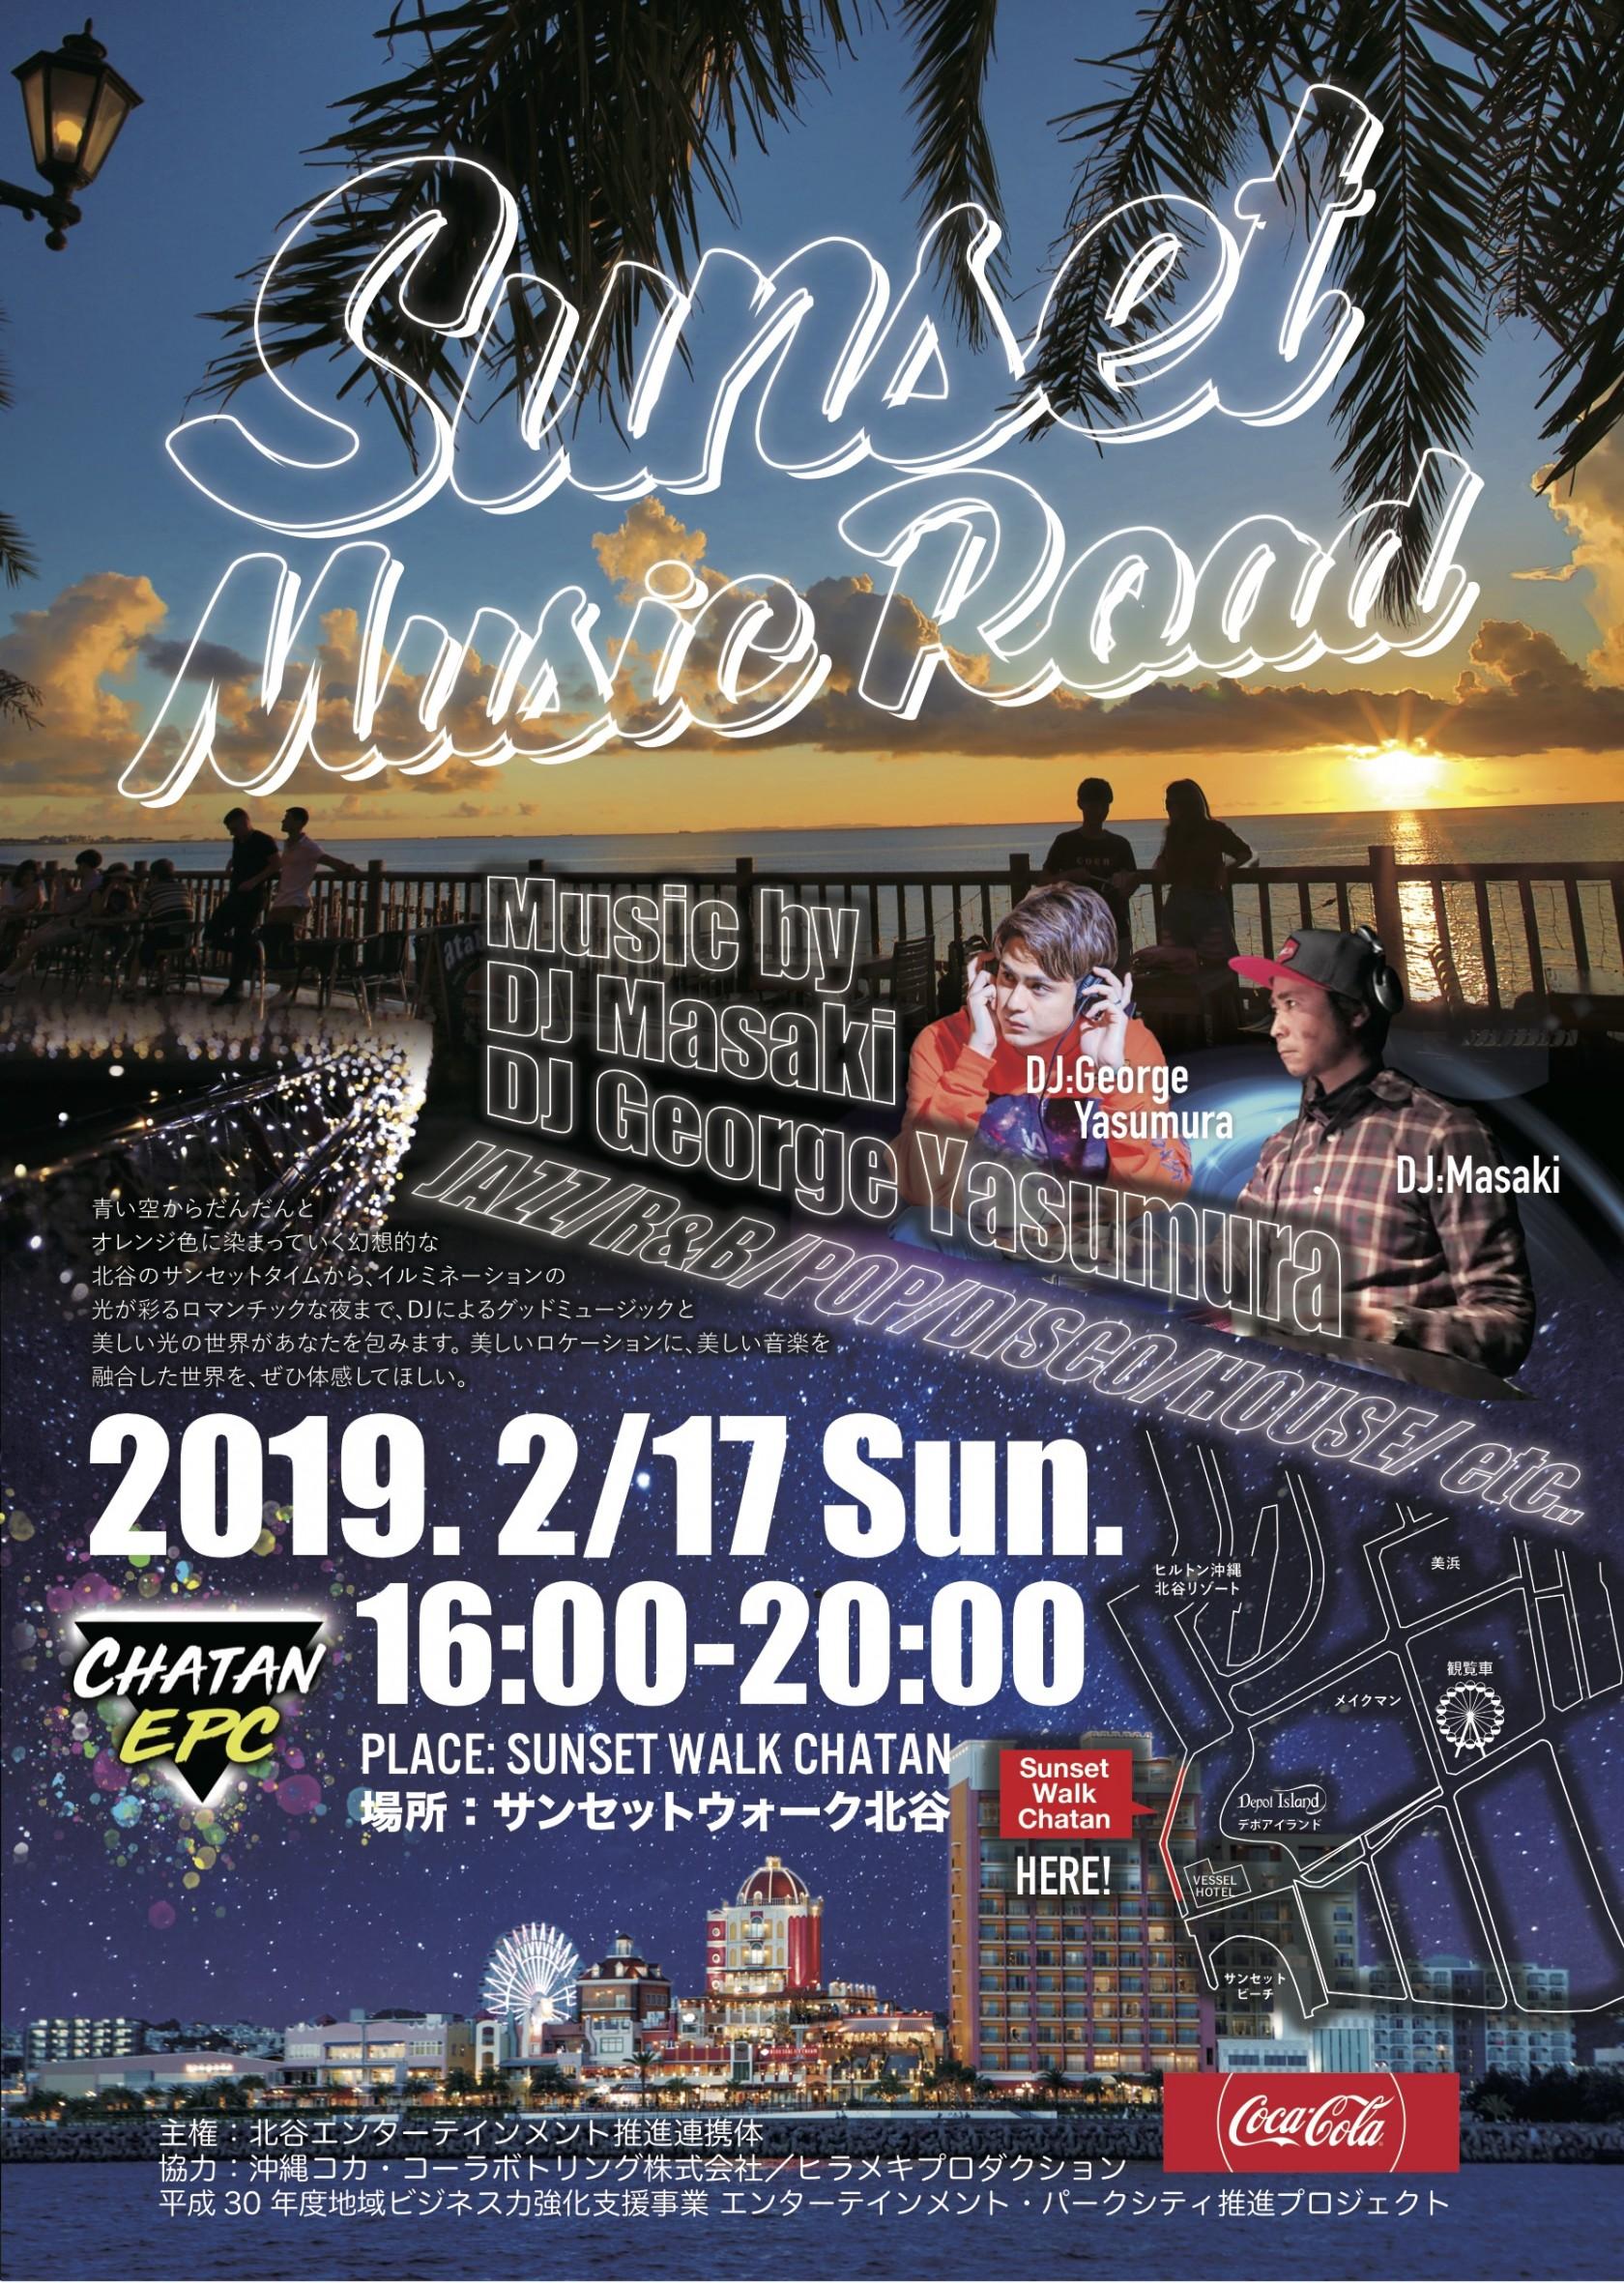 第3回美浜パフォーマーズコレクション『サンセットミュージックロード』